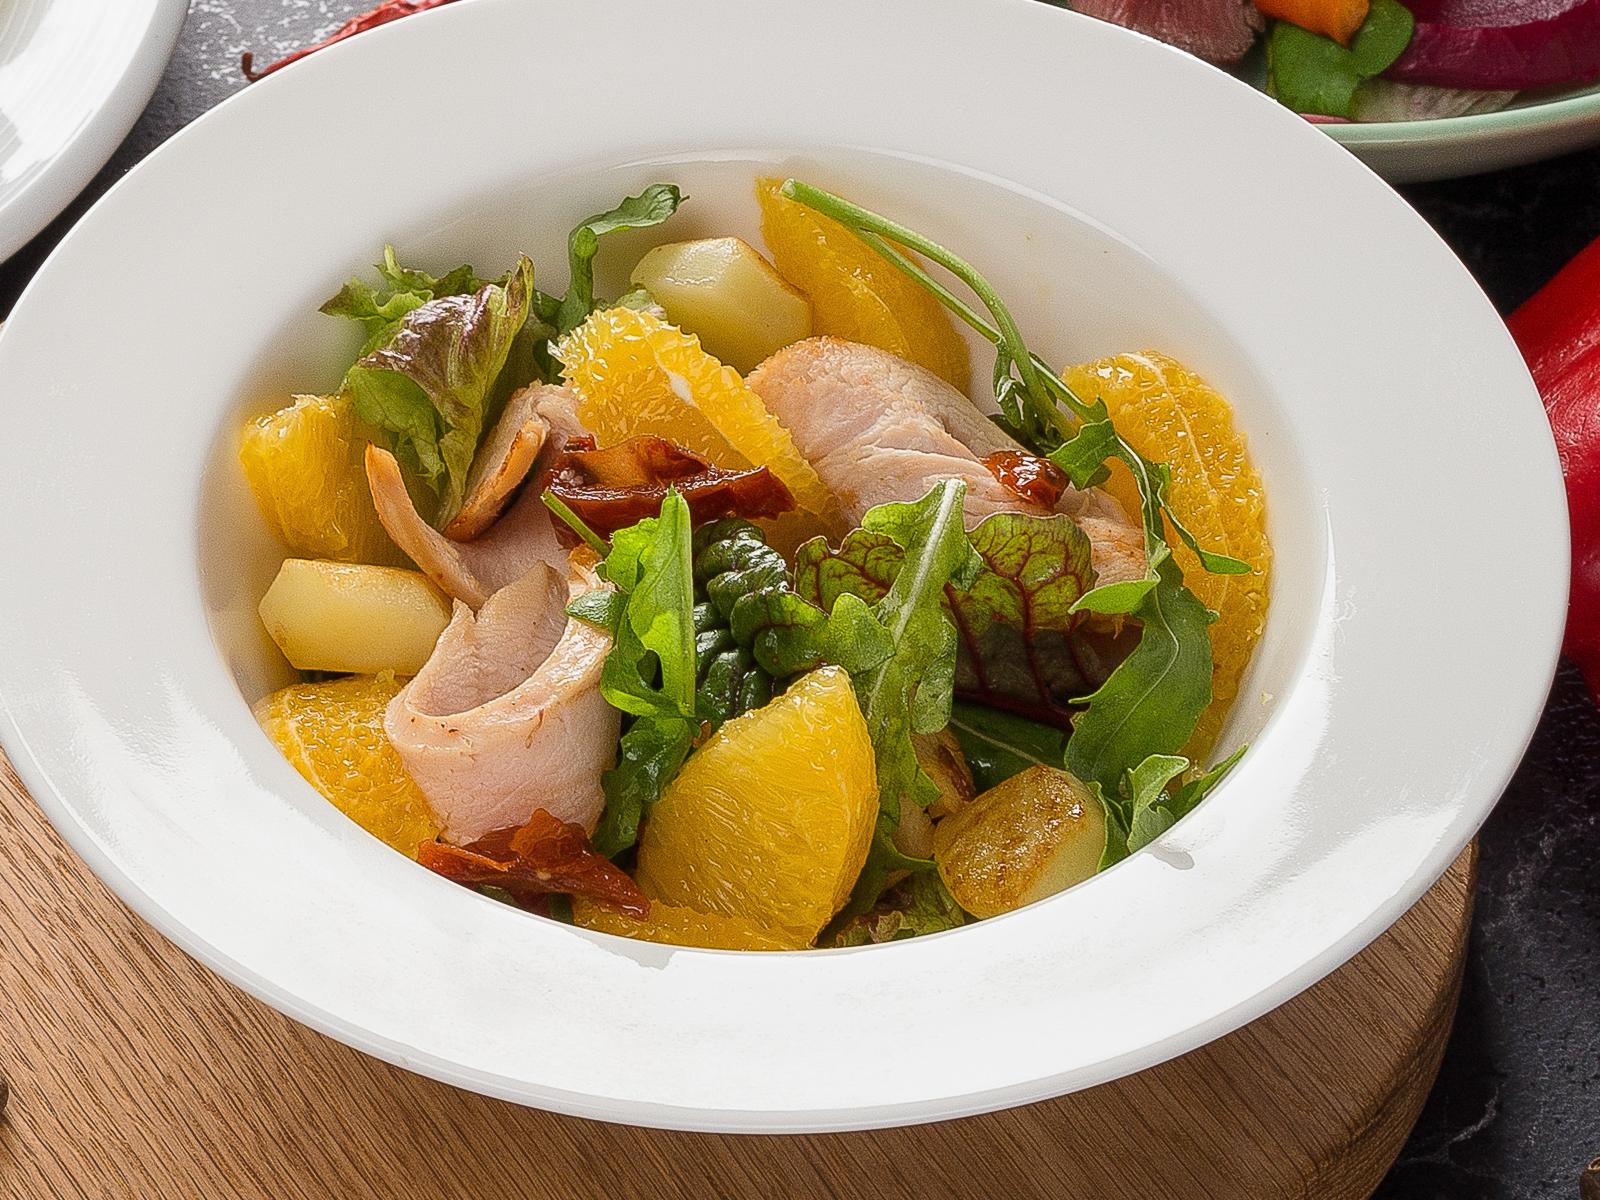 Салат теплый с куриным филе и апельсинами